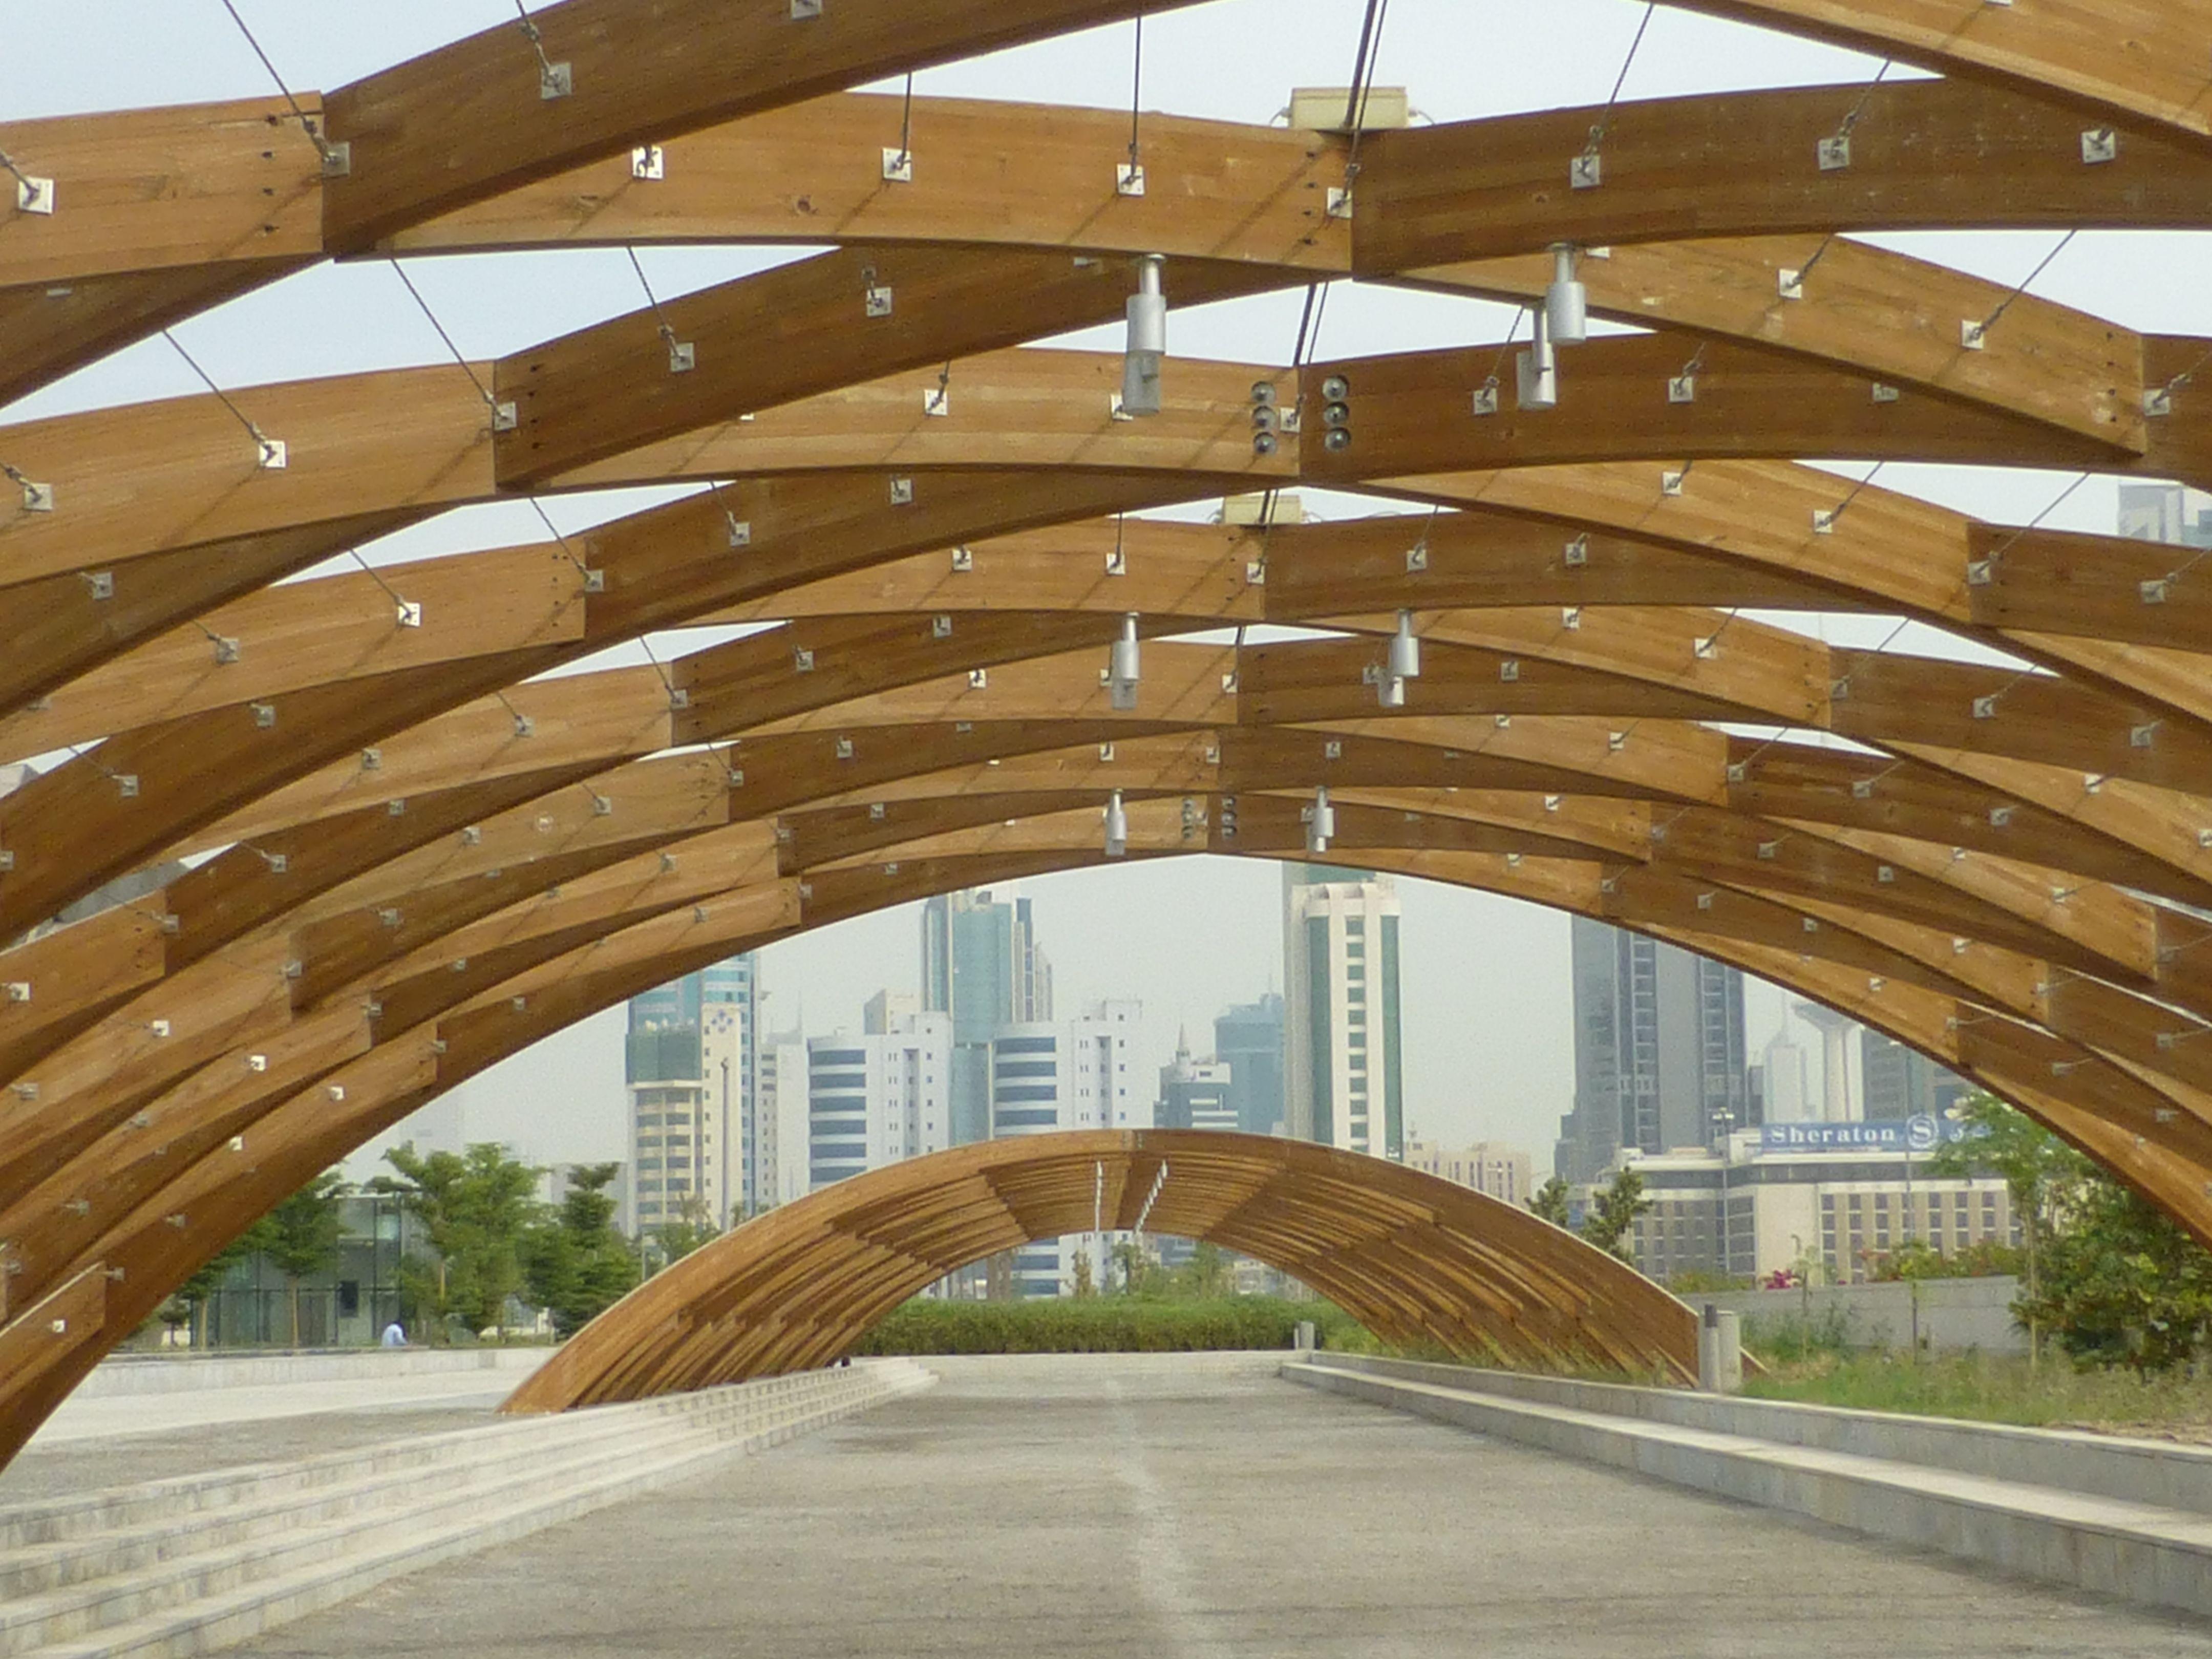 Kuwait Cultural Centre Entrance   Kuwait, Landscape, Entrance